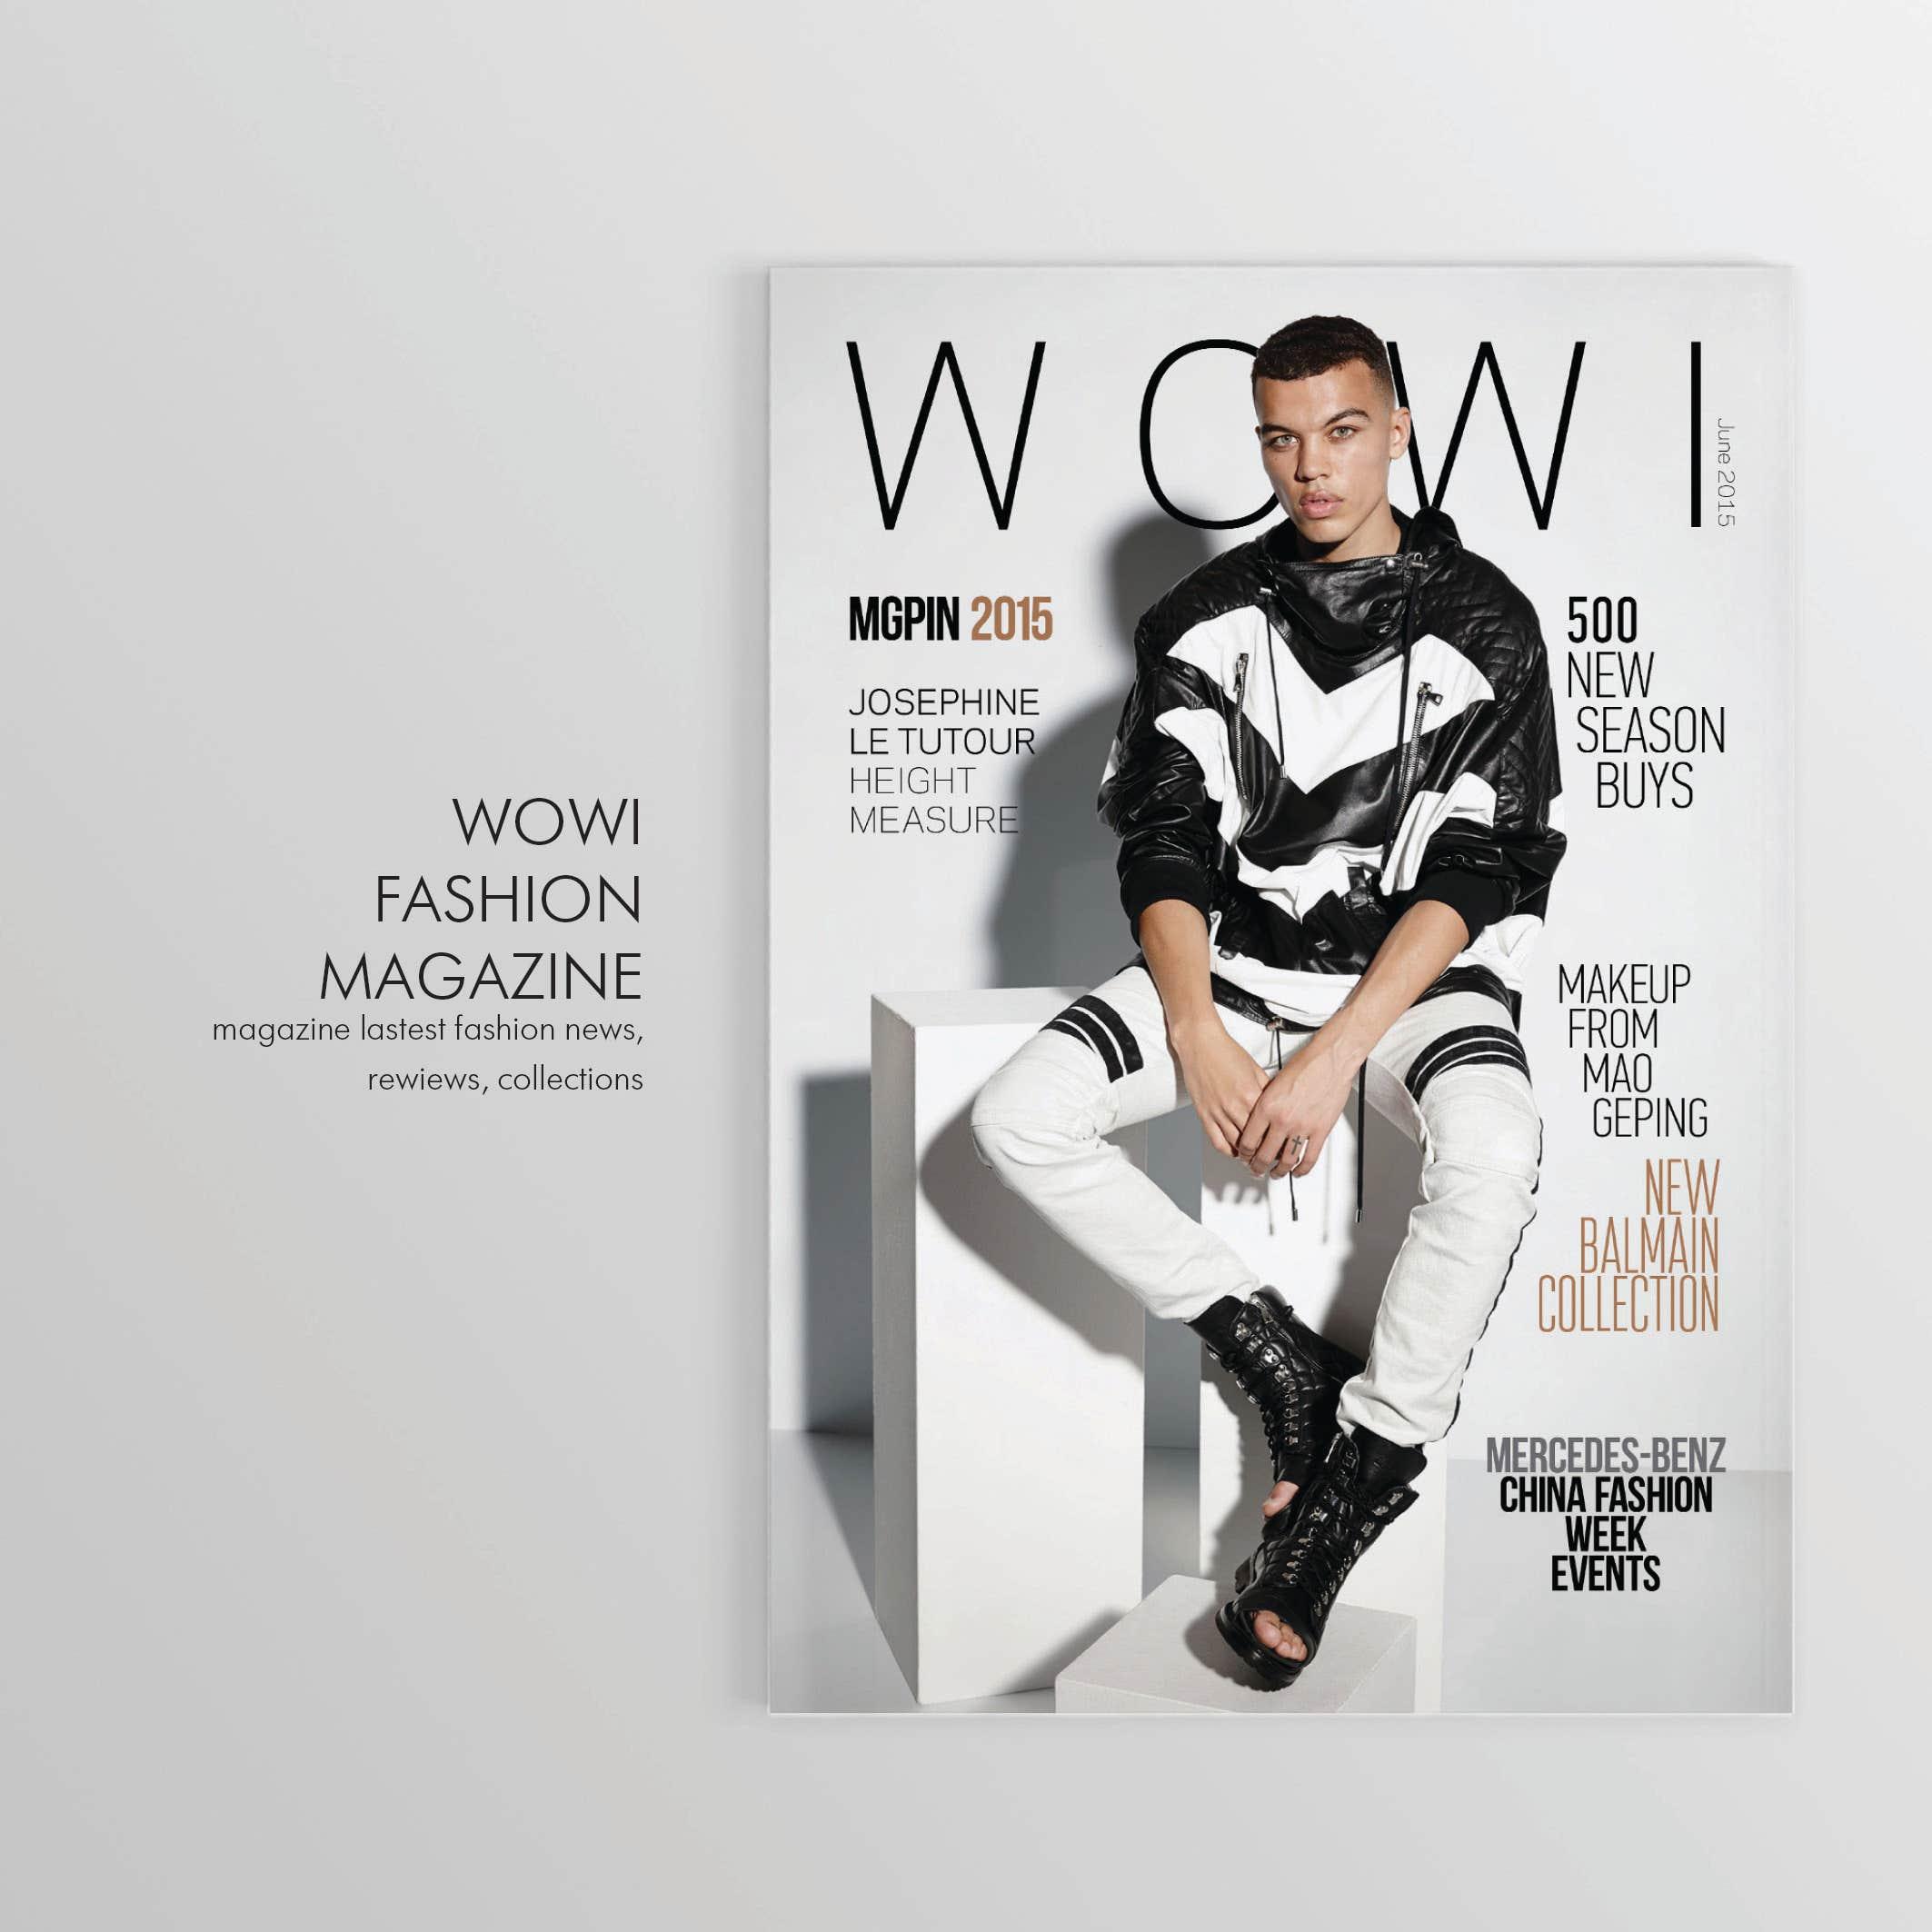 WOWI Fashion magazine